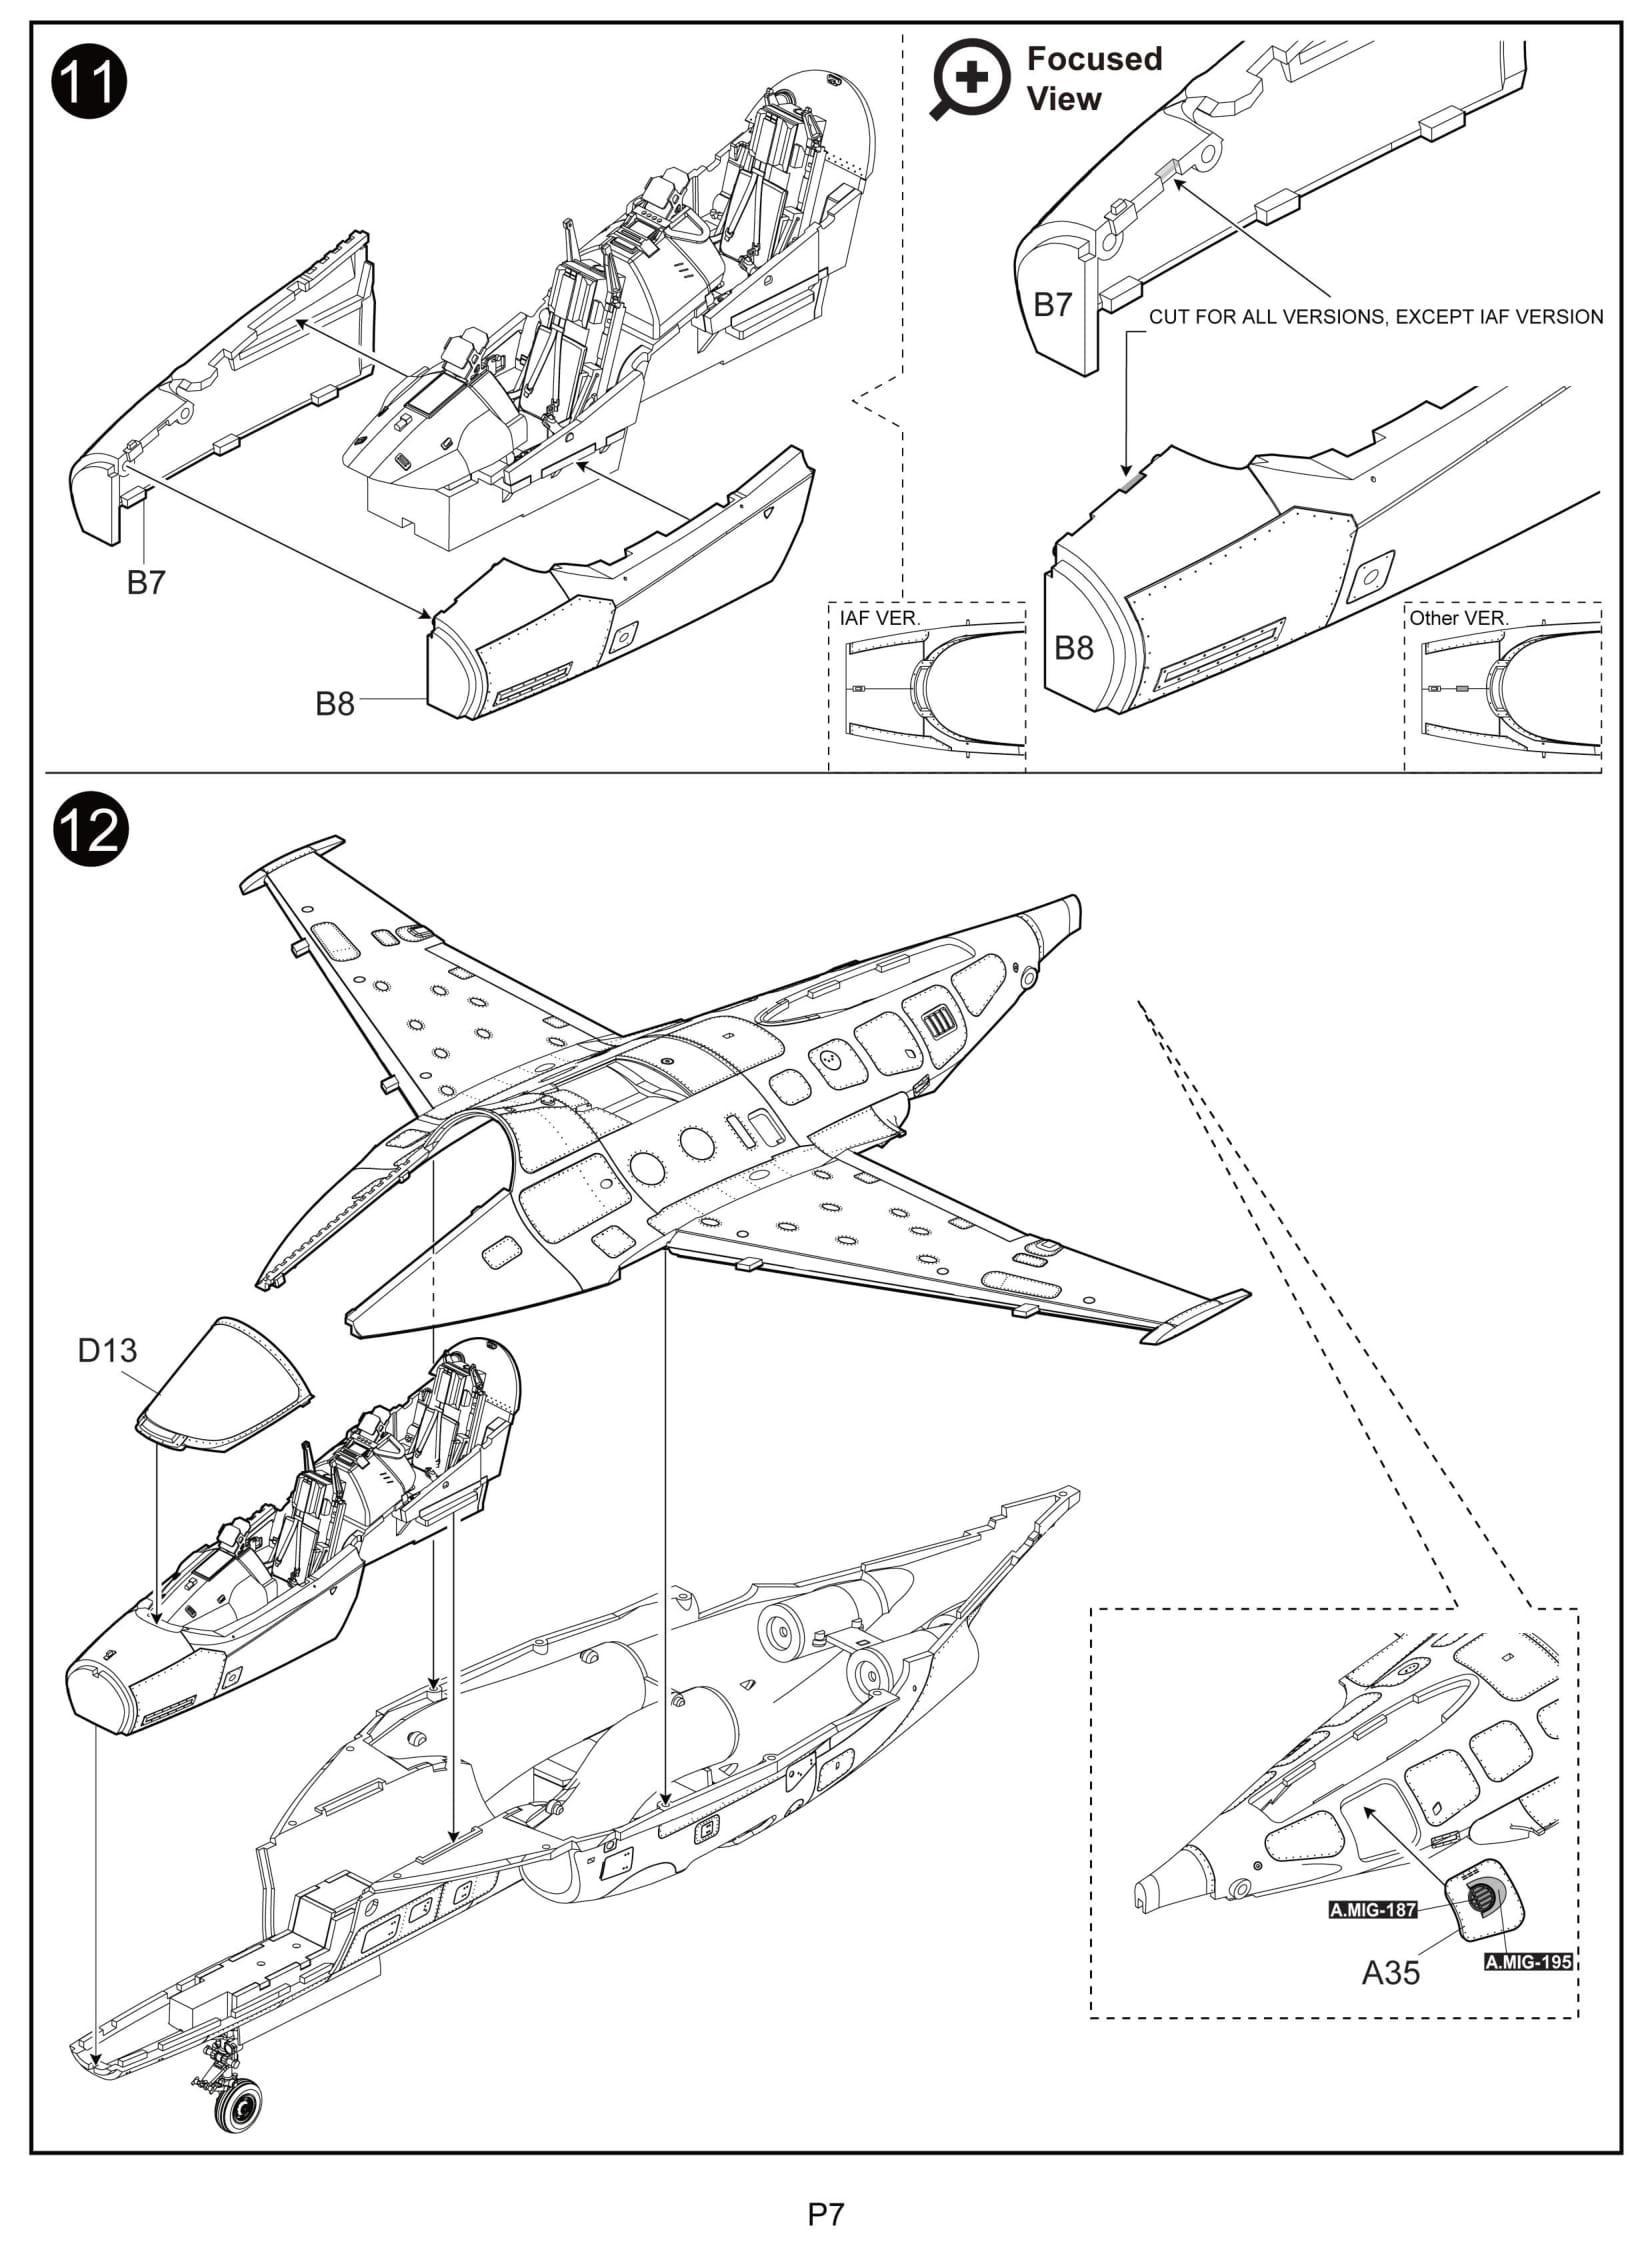 hight resolution of 48 m 346 master advanced fighter trainer ki k48063 full